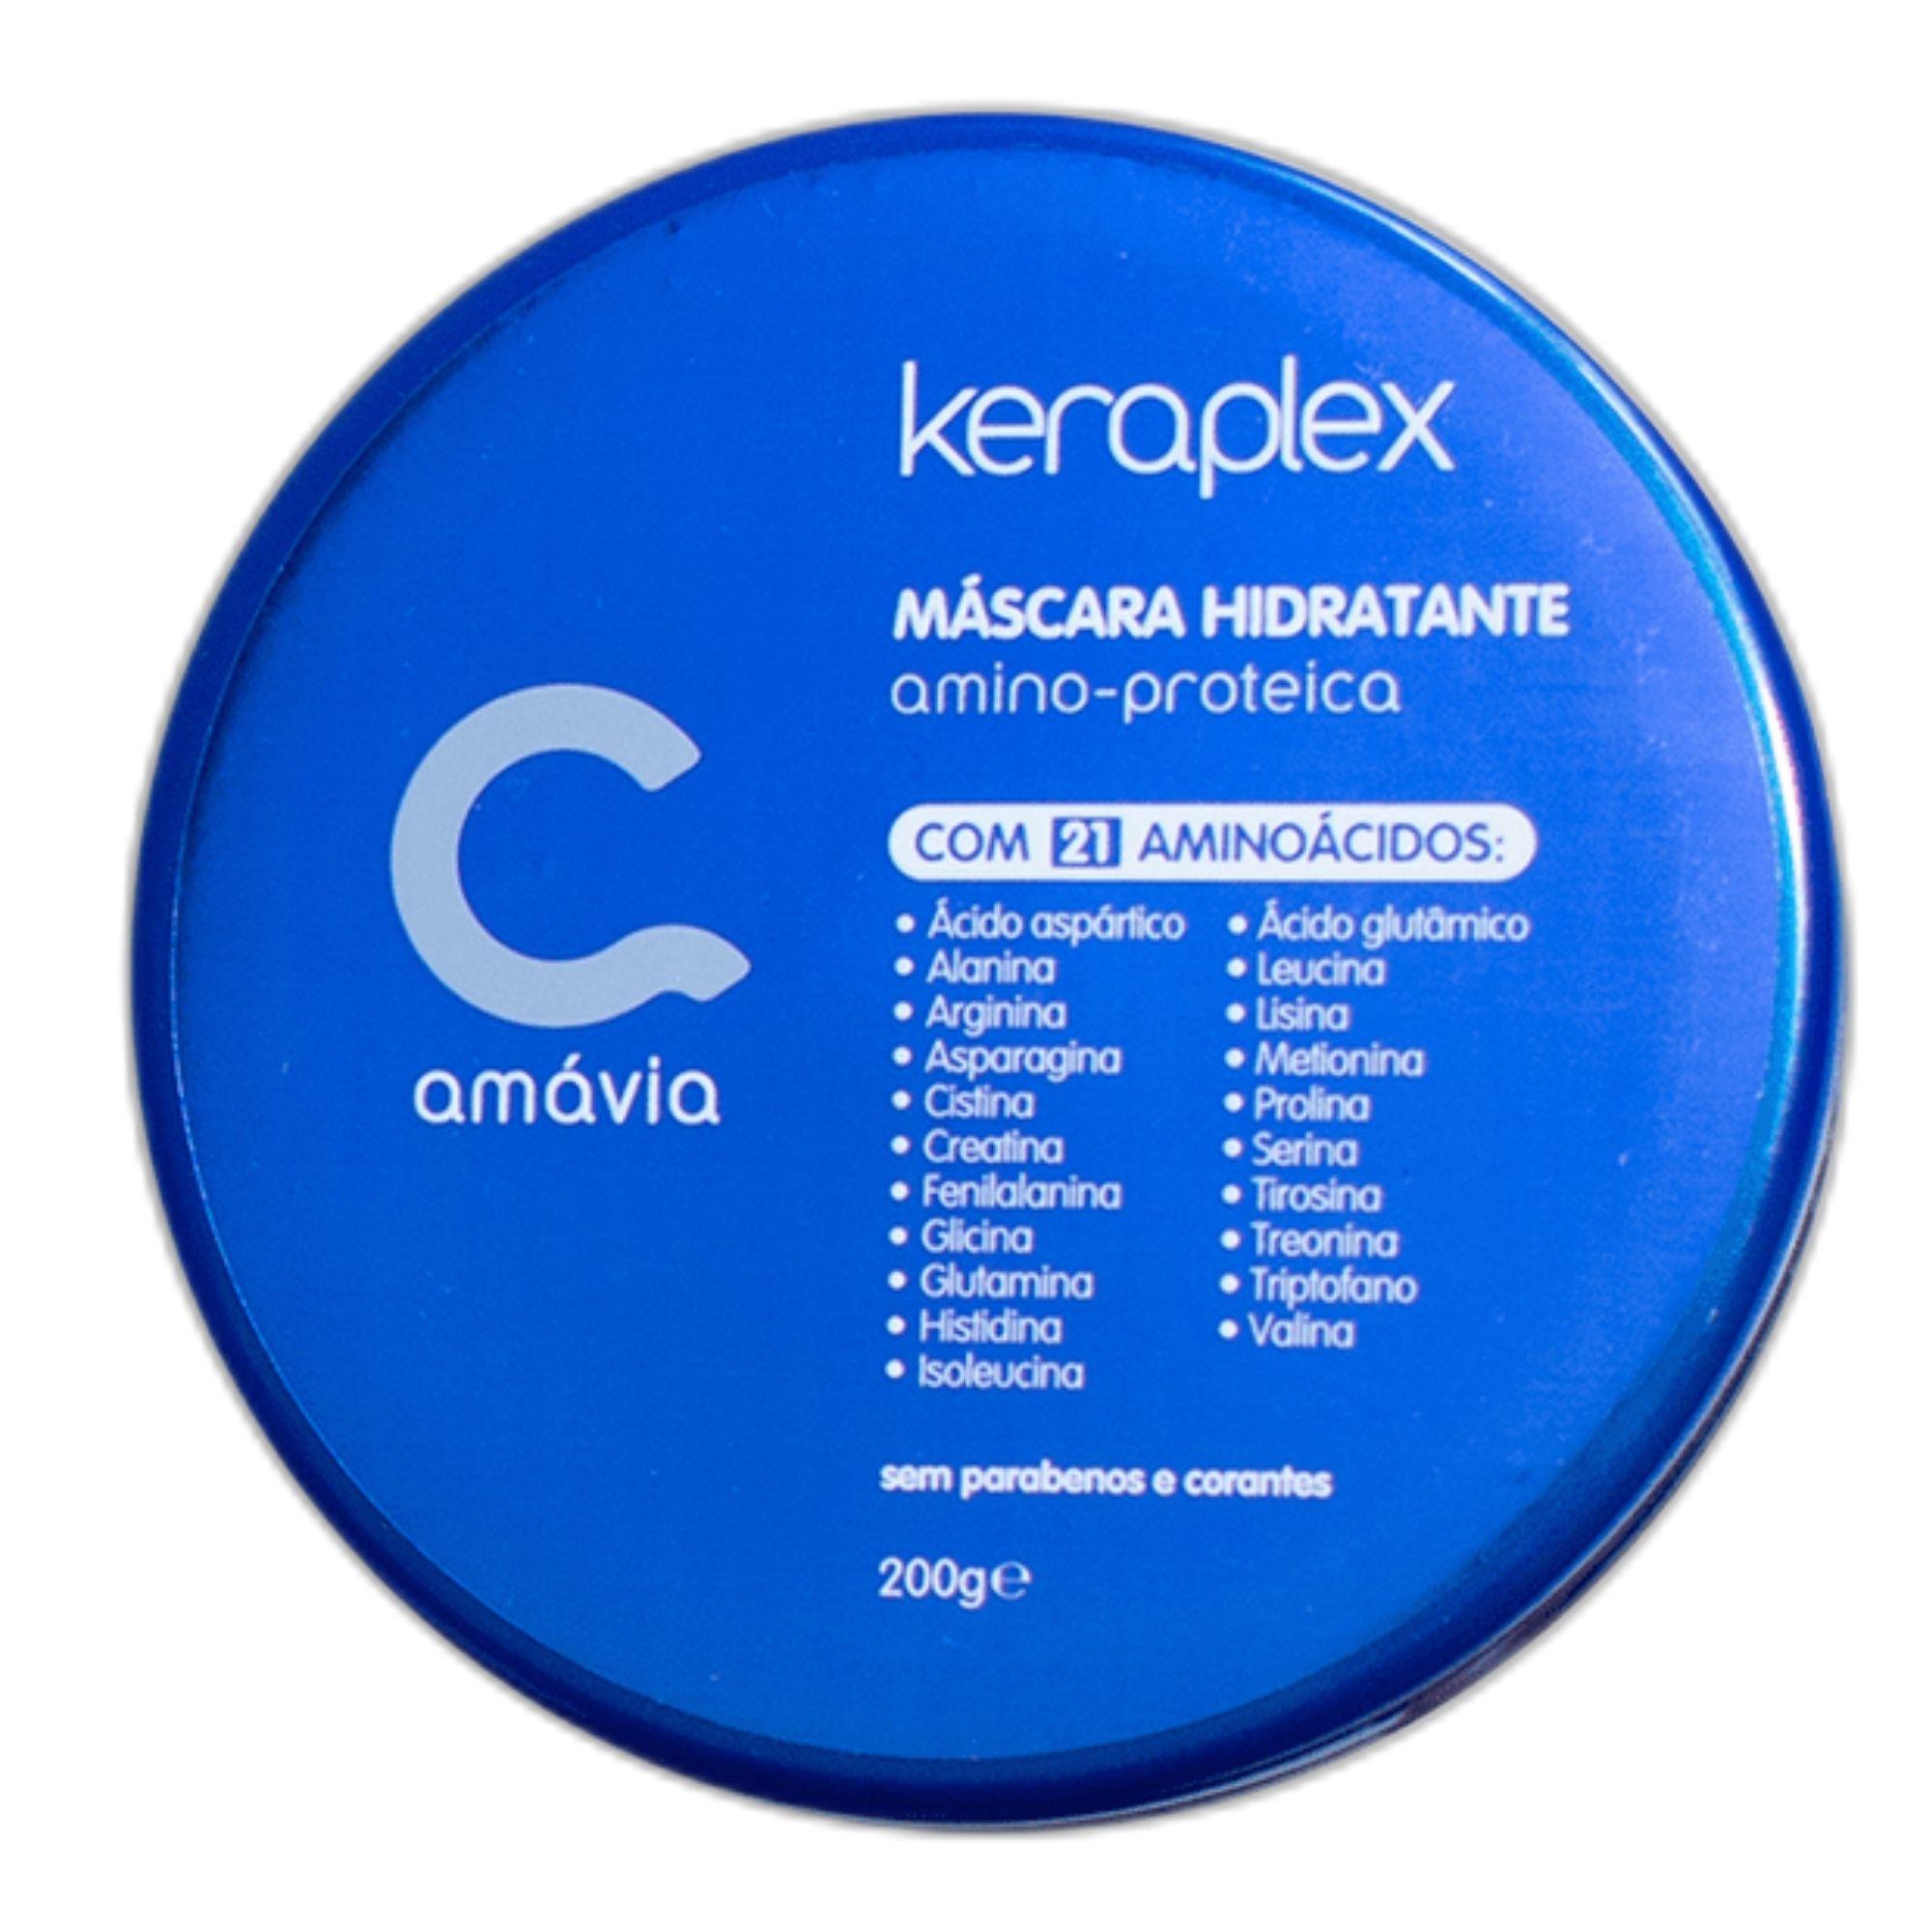 Mascara Amino-Proteica Keraplex Amavia Com 21 Aminoácidos 200g